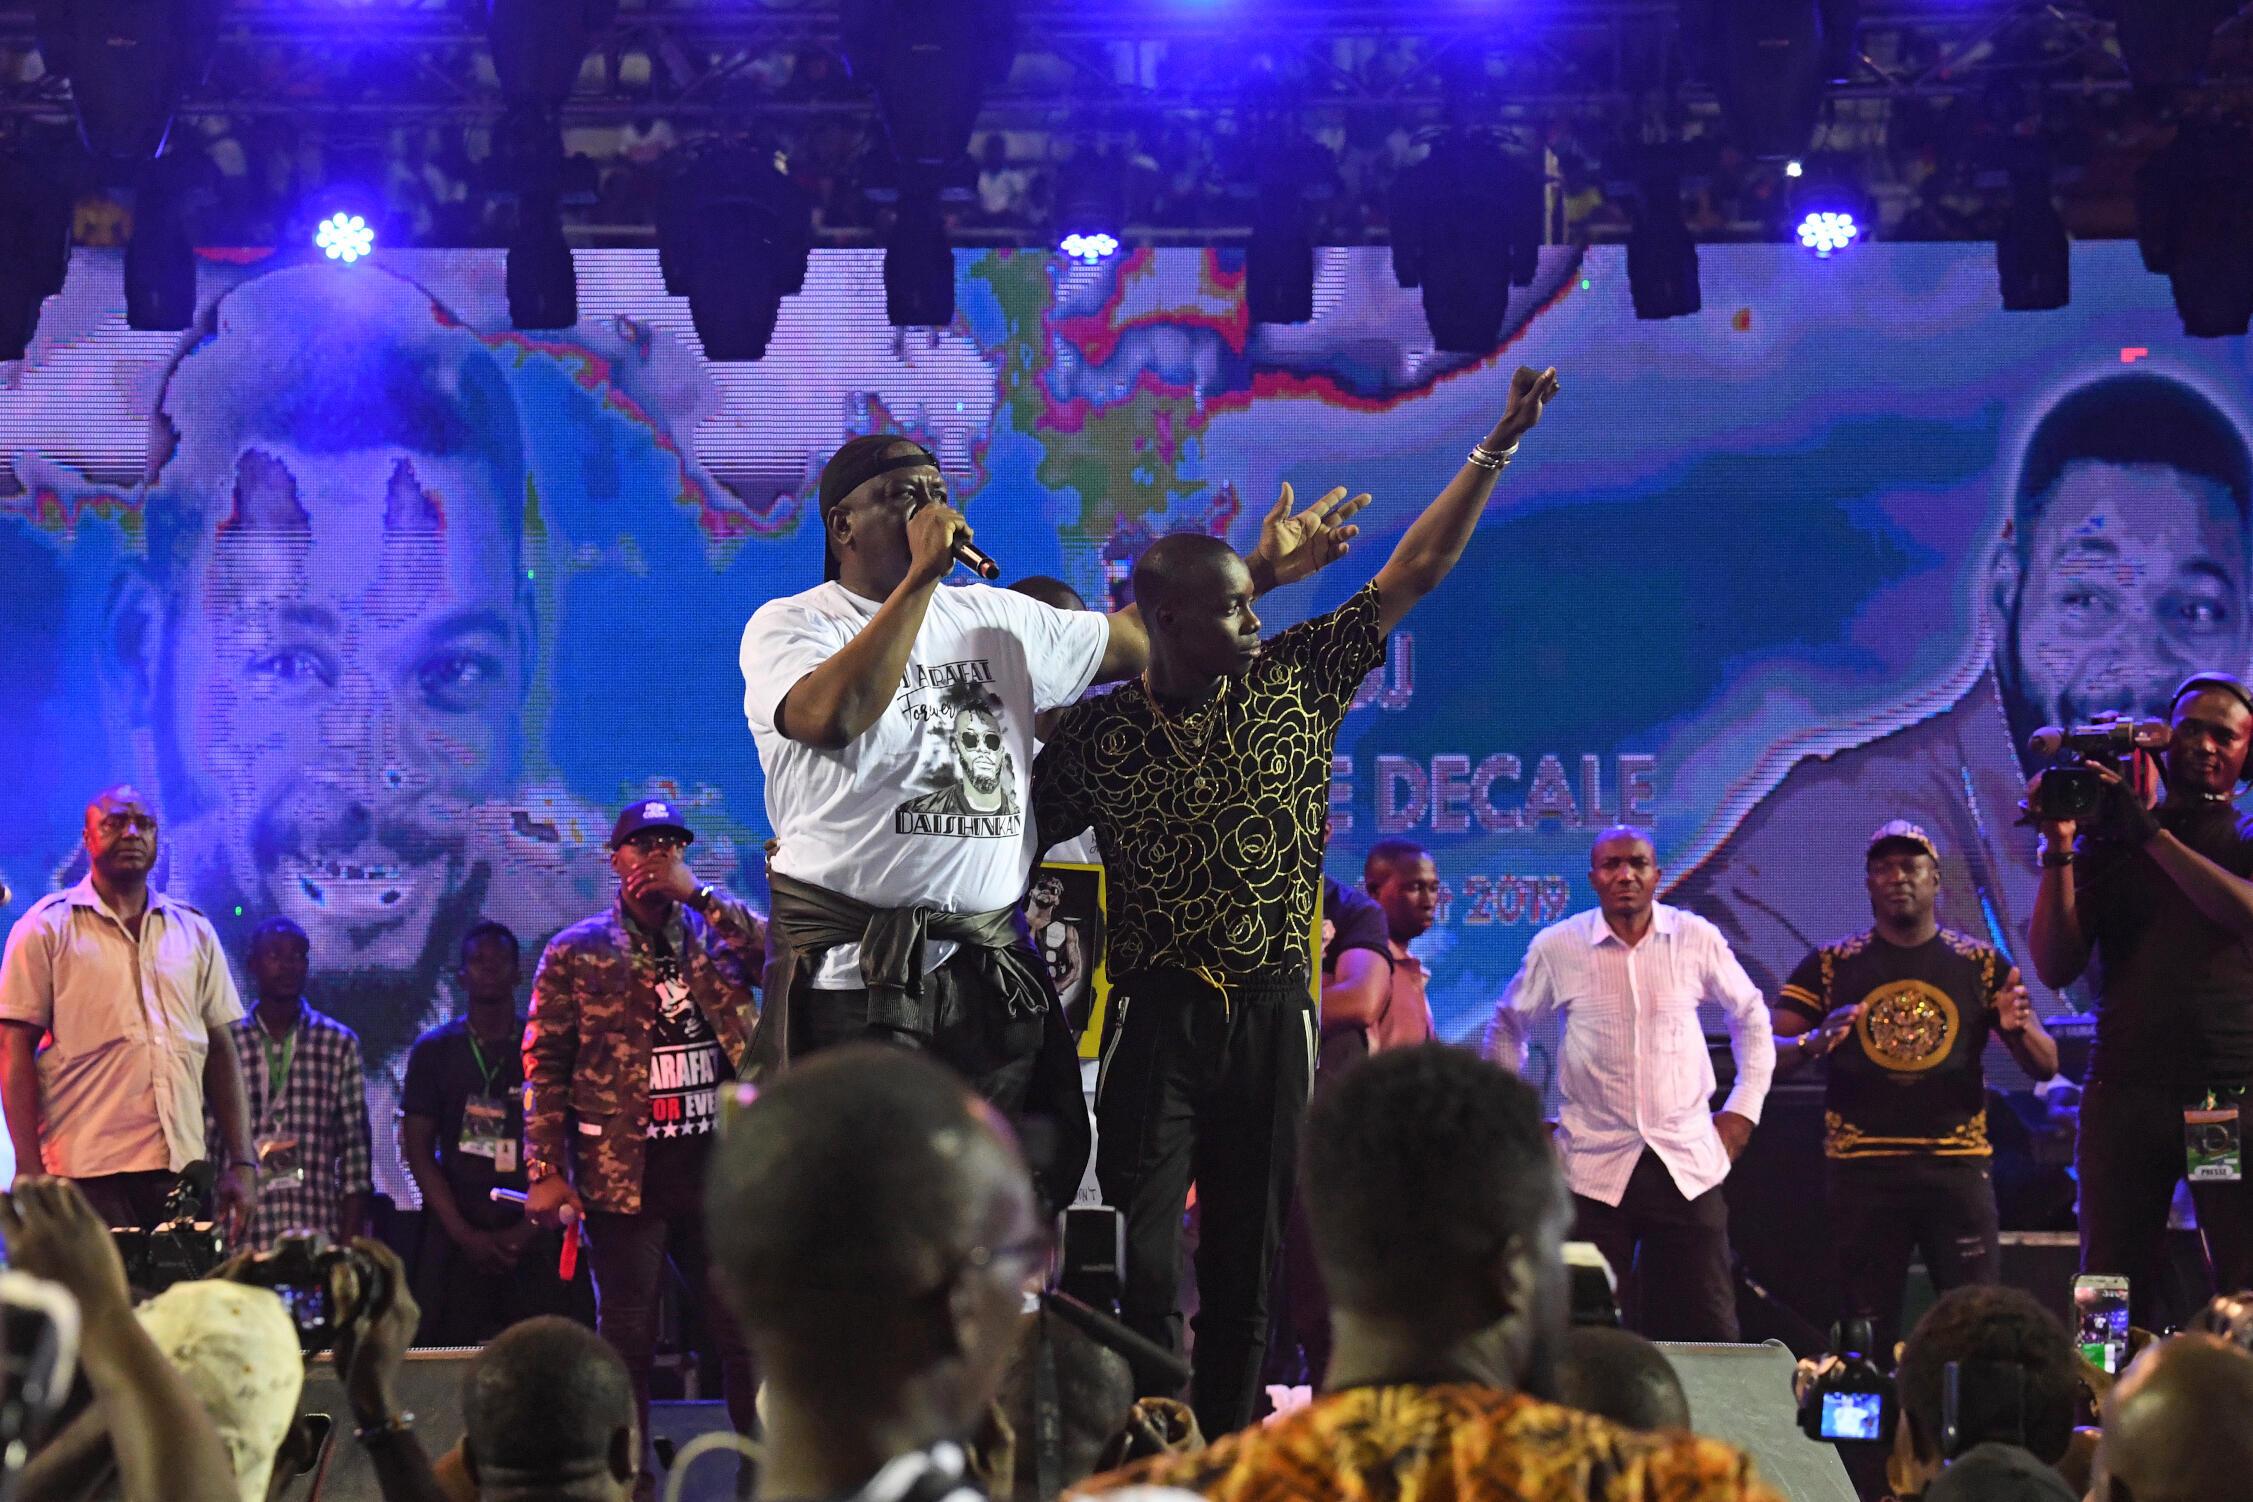 Le ministre de la Défense ivoirien Hamed Bakayoko (G) et le chanteur malien Sidiki Diabate (D) au stade Houphouët-Boigny, le 30 août 2019.